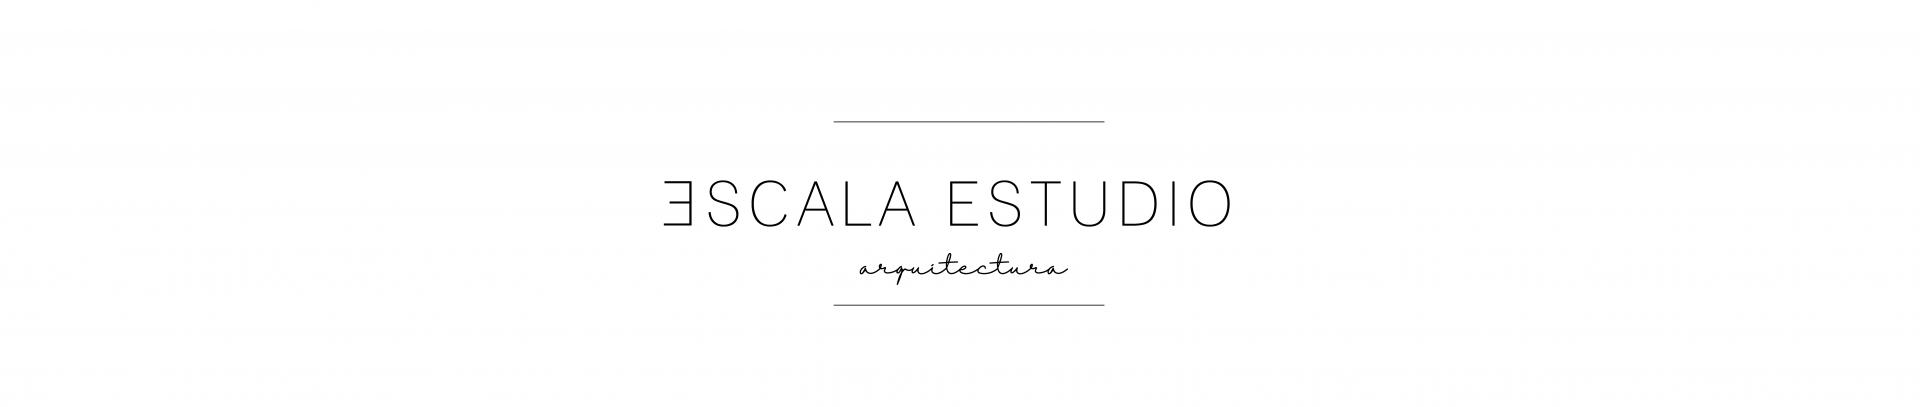 ESCALA ESTUDIO Arquitectura